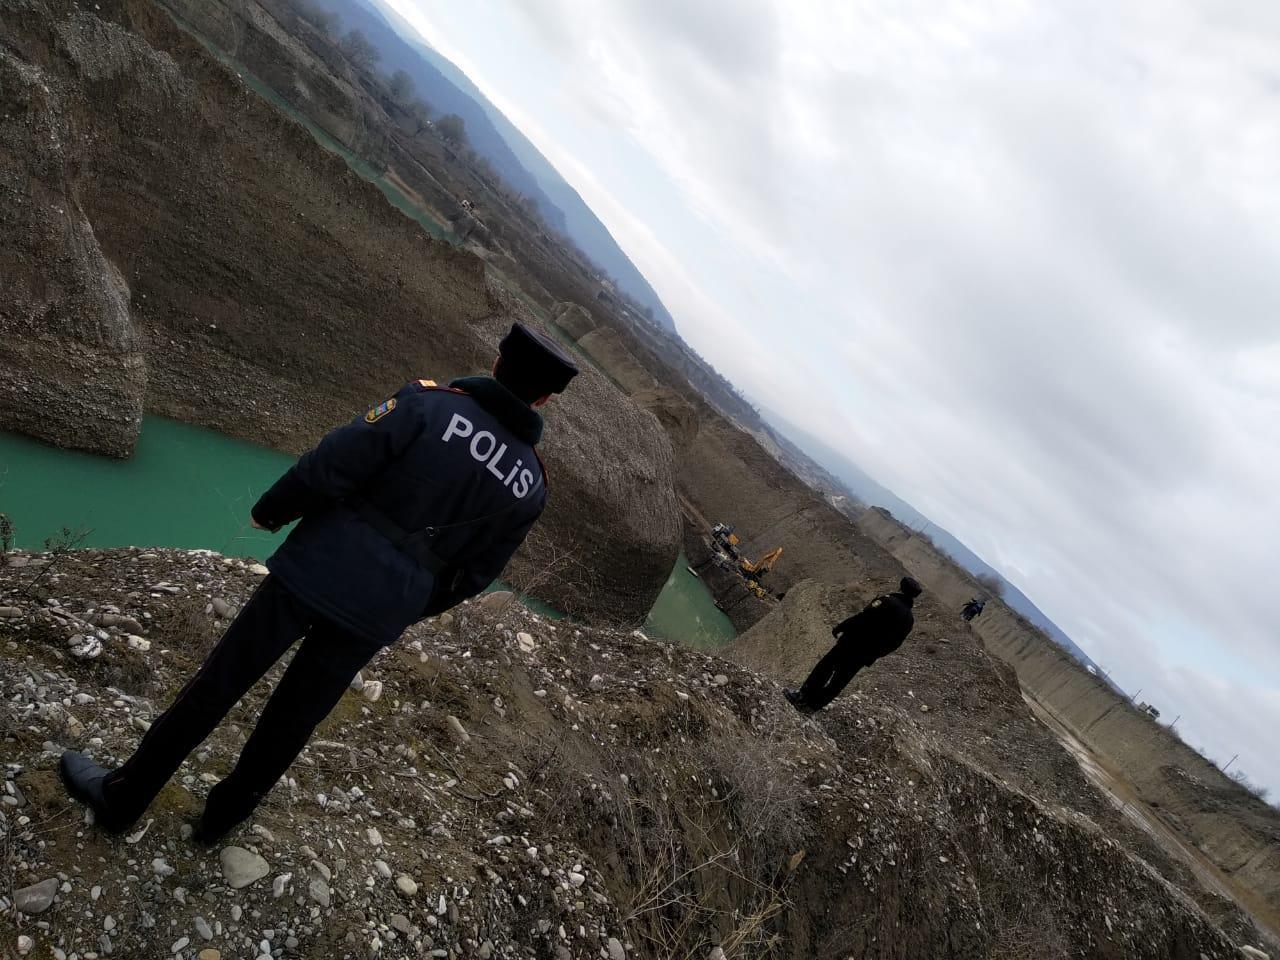 Найдено тело экскаваторщика, пропавшего во время работ на реке Вельвелечай в Губинском районе Азербайджана (ФОТО) - Gallery Image